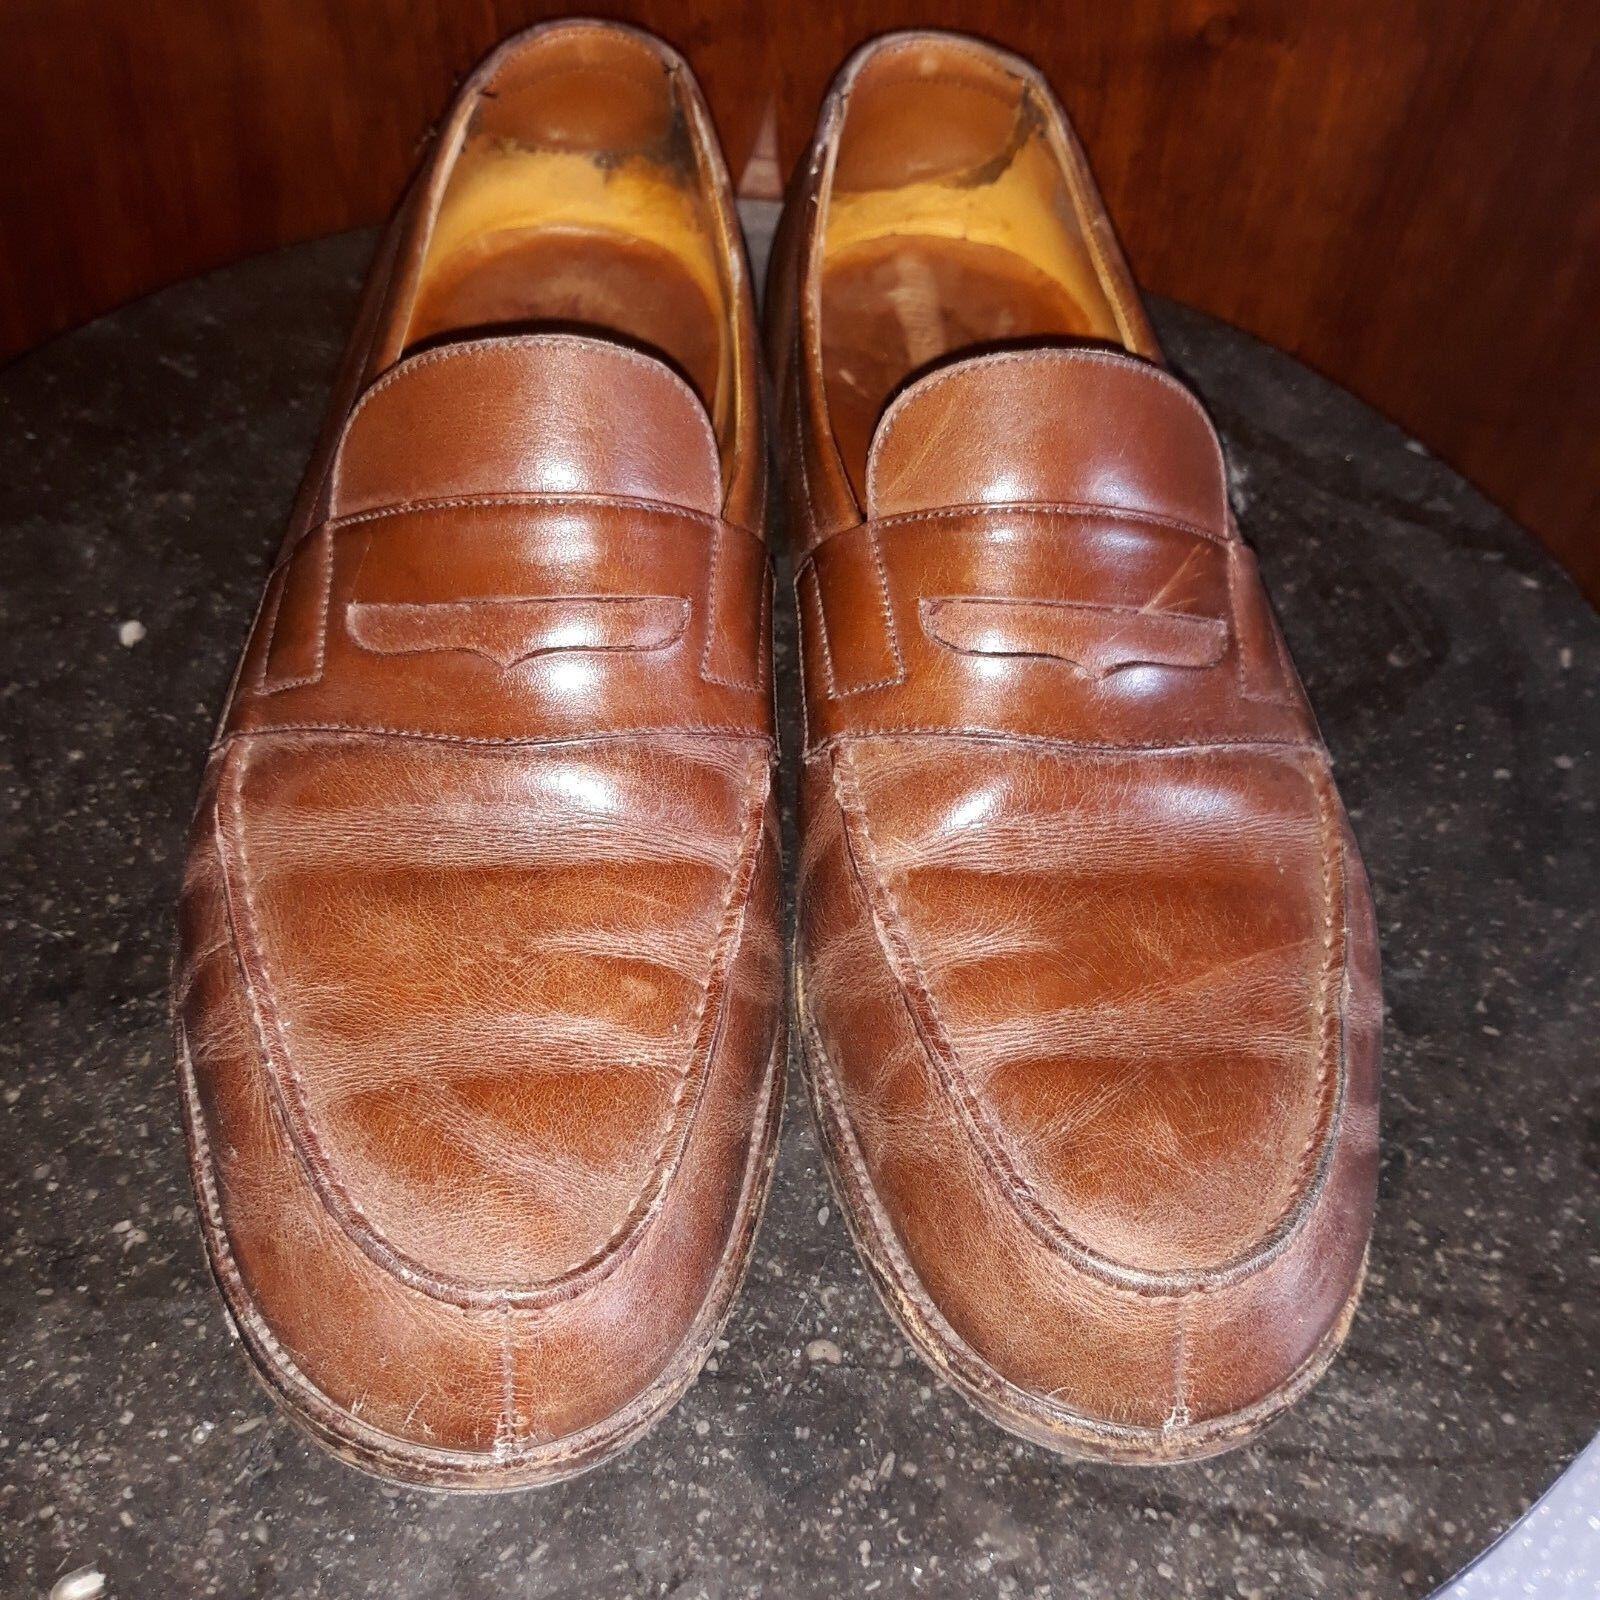 JM FR WESTON.CHAUSSURES.Schuhe.MOCASSINS US 8 D FR JM 42  COGNAC. bon état. 0edaa4